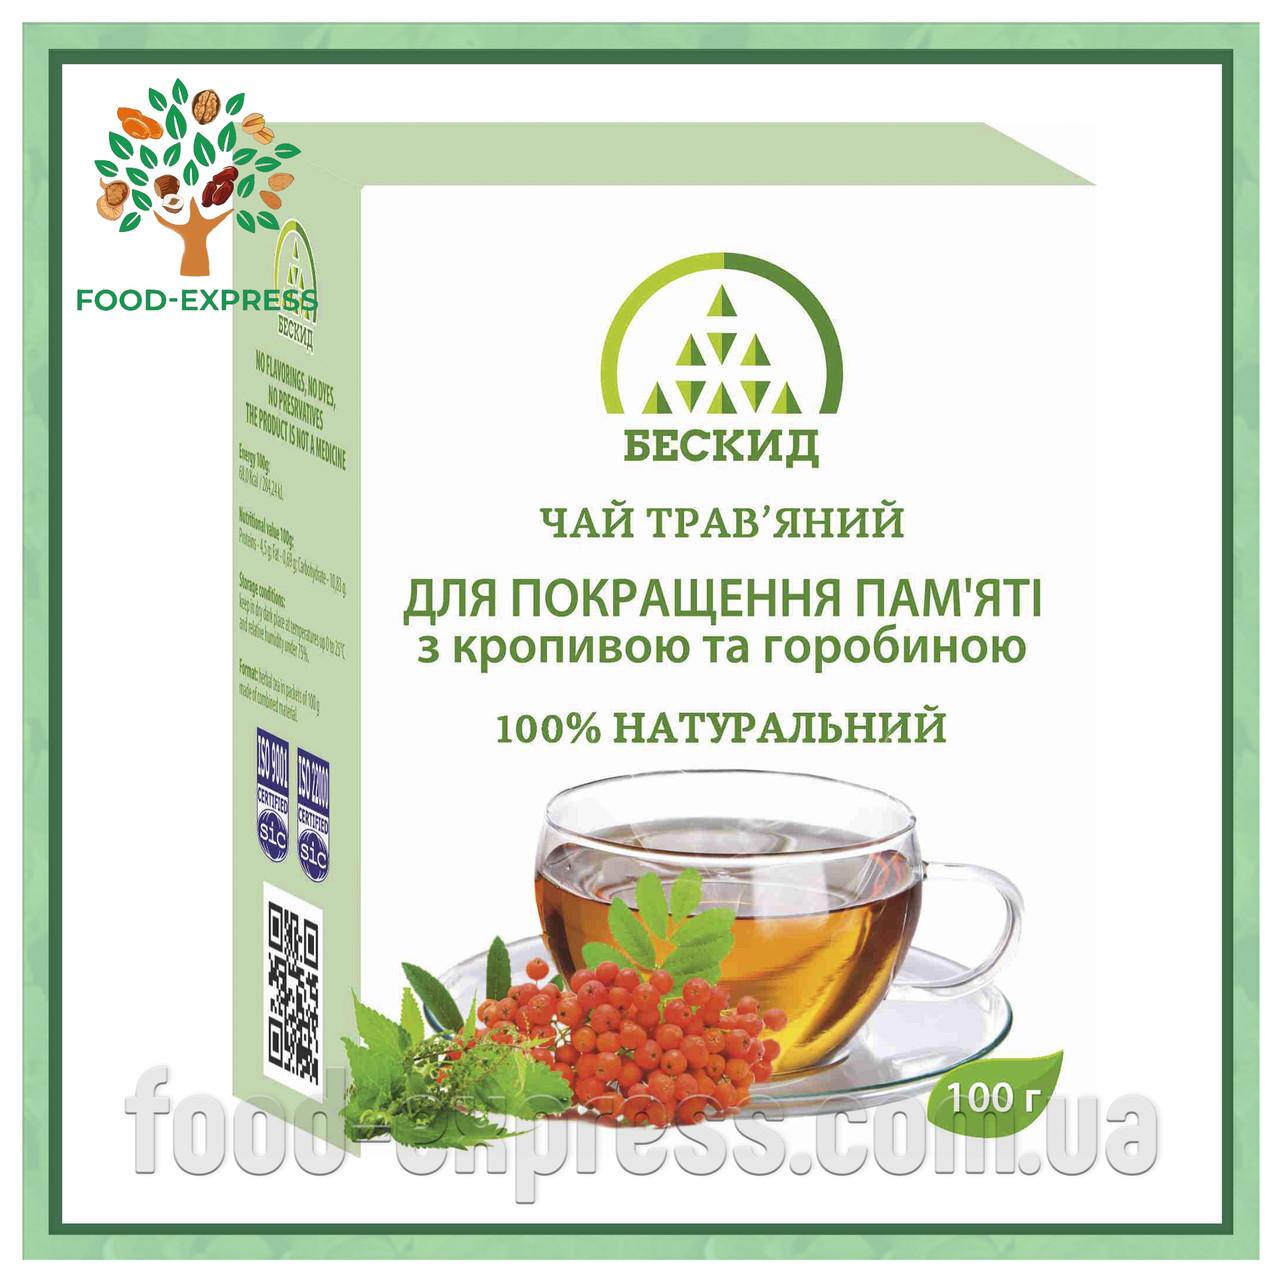 Чай трав'яний «Для покращення пам'яті» з кропивою та горобиною 100г